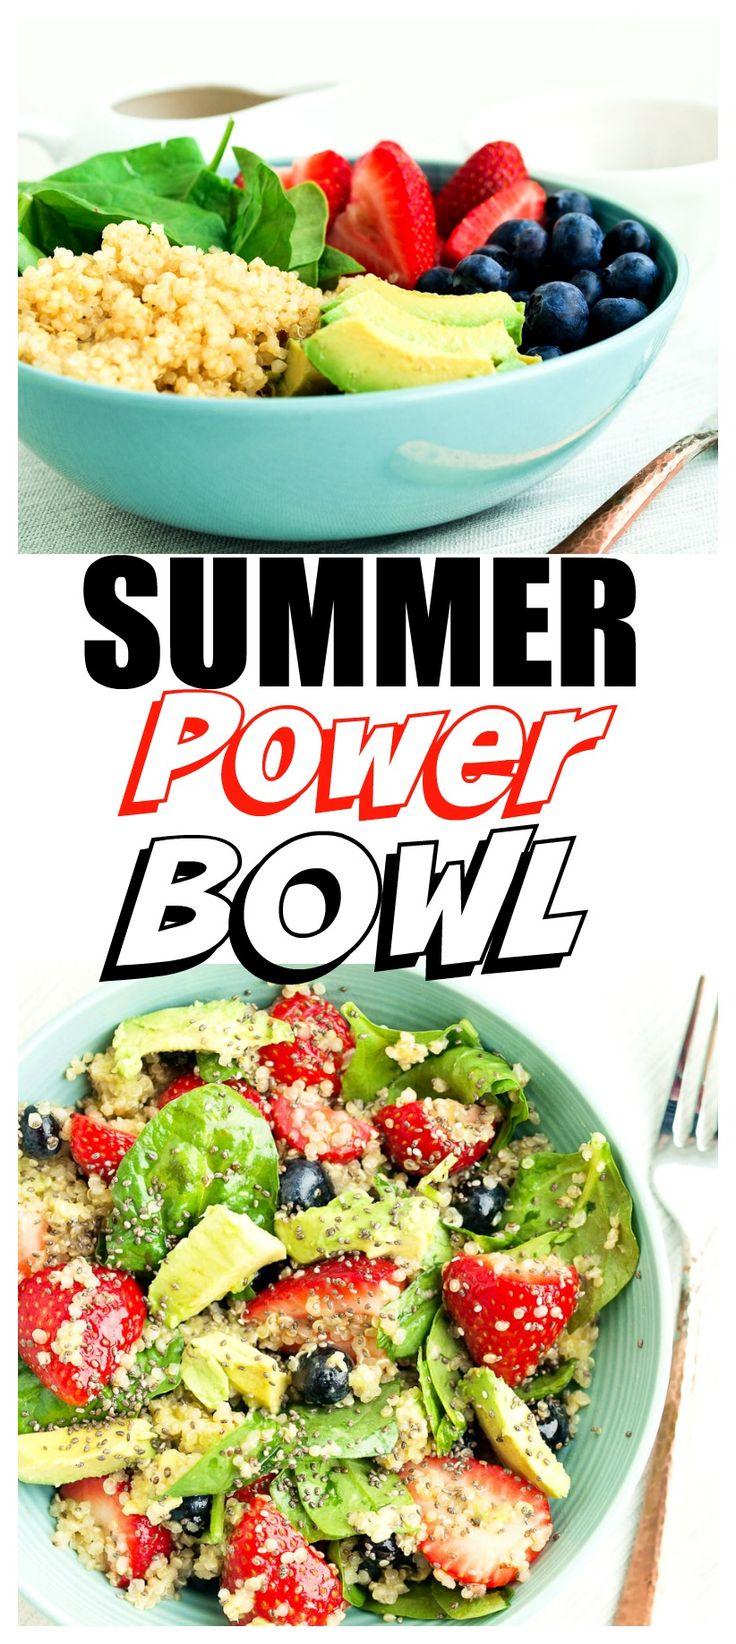 Summer Power Bowl Recipe | healthy | quinoa | gluten-free | spinach | strawberries | blueberries | salad